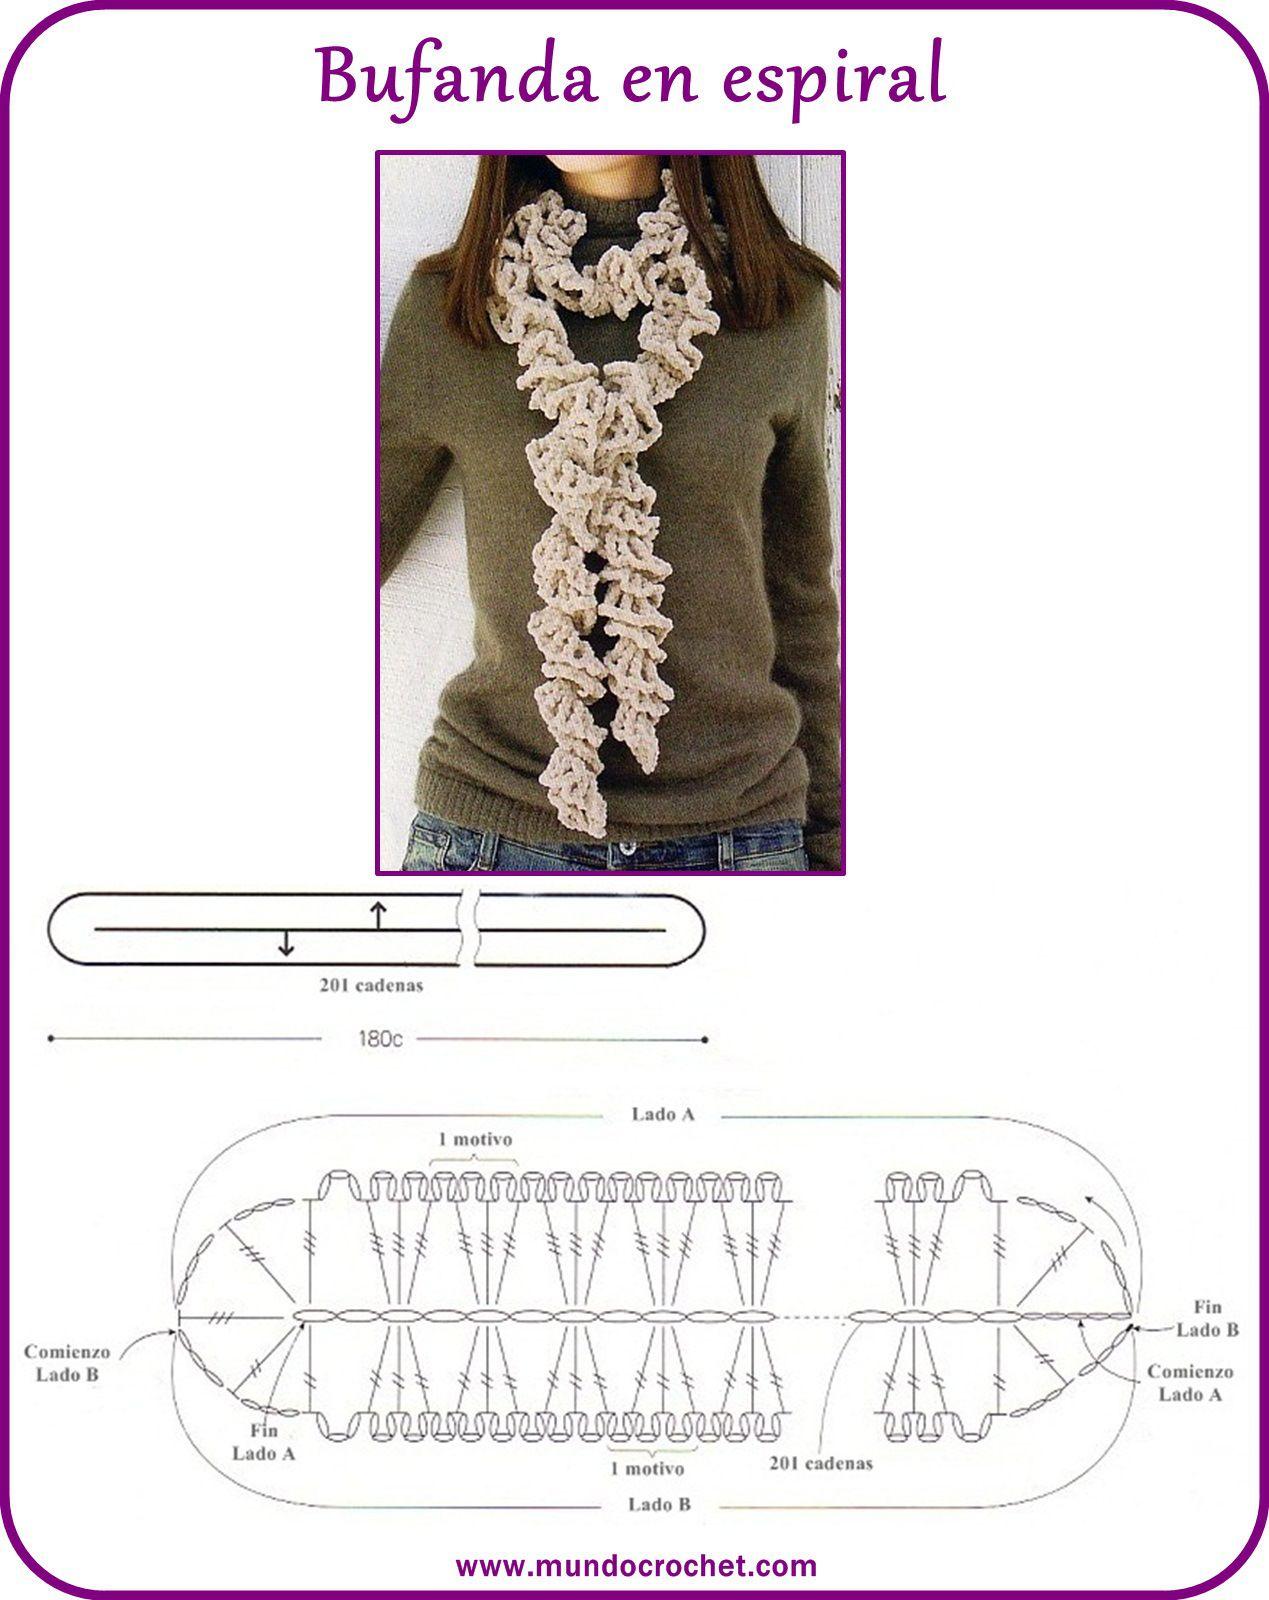 Bufanda crochet espiral | bufandas | Pinterest | Crochet espiral ...